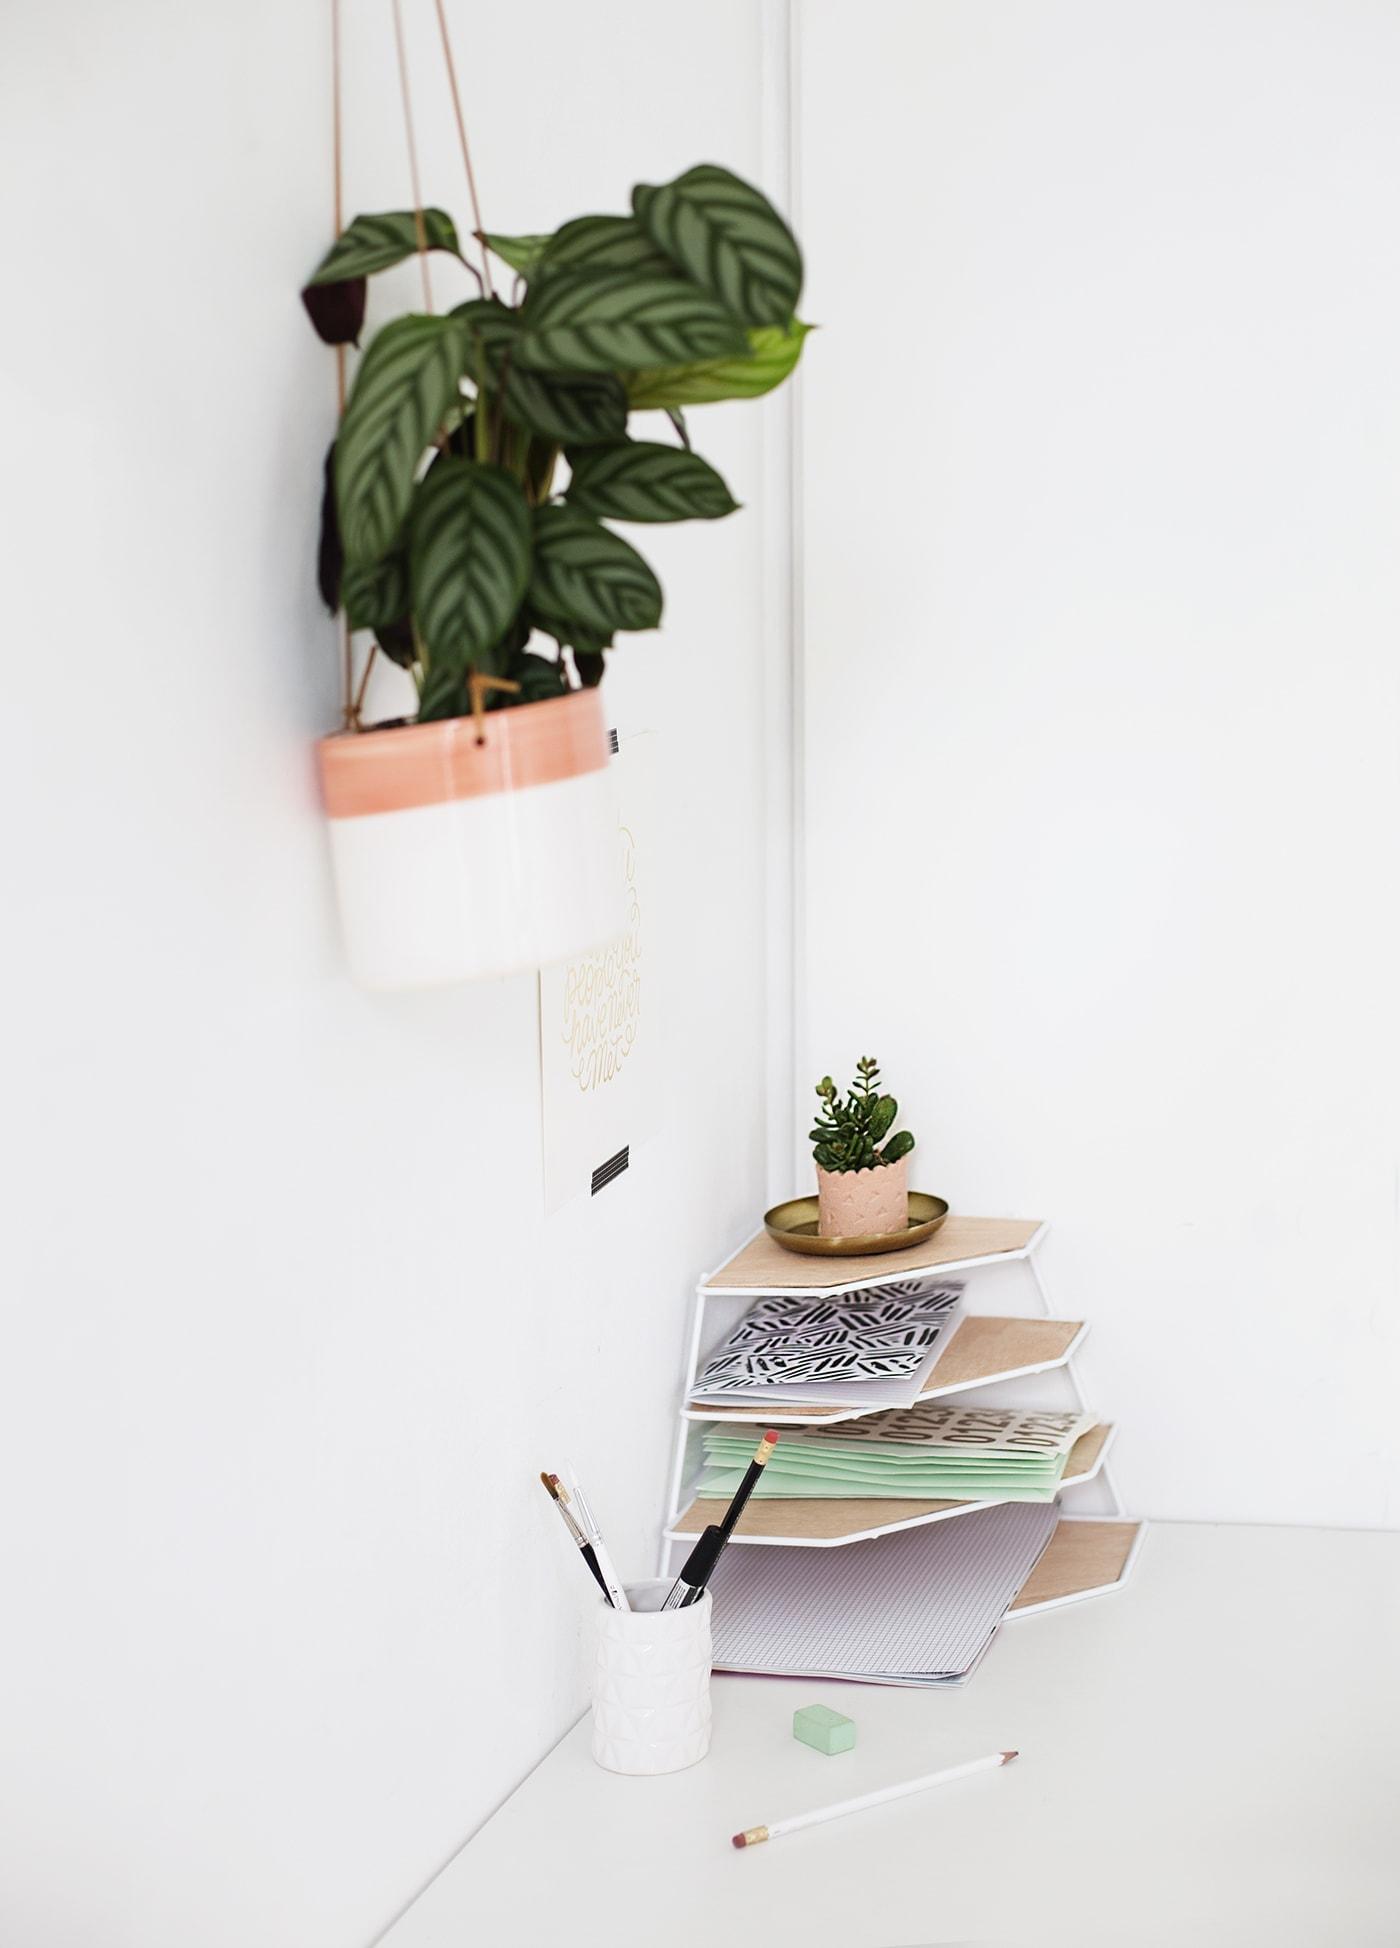 DIY balsa wood desk organiser | workspace tidy | easy craft ideas